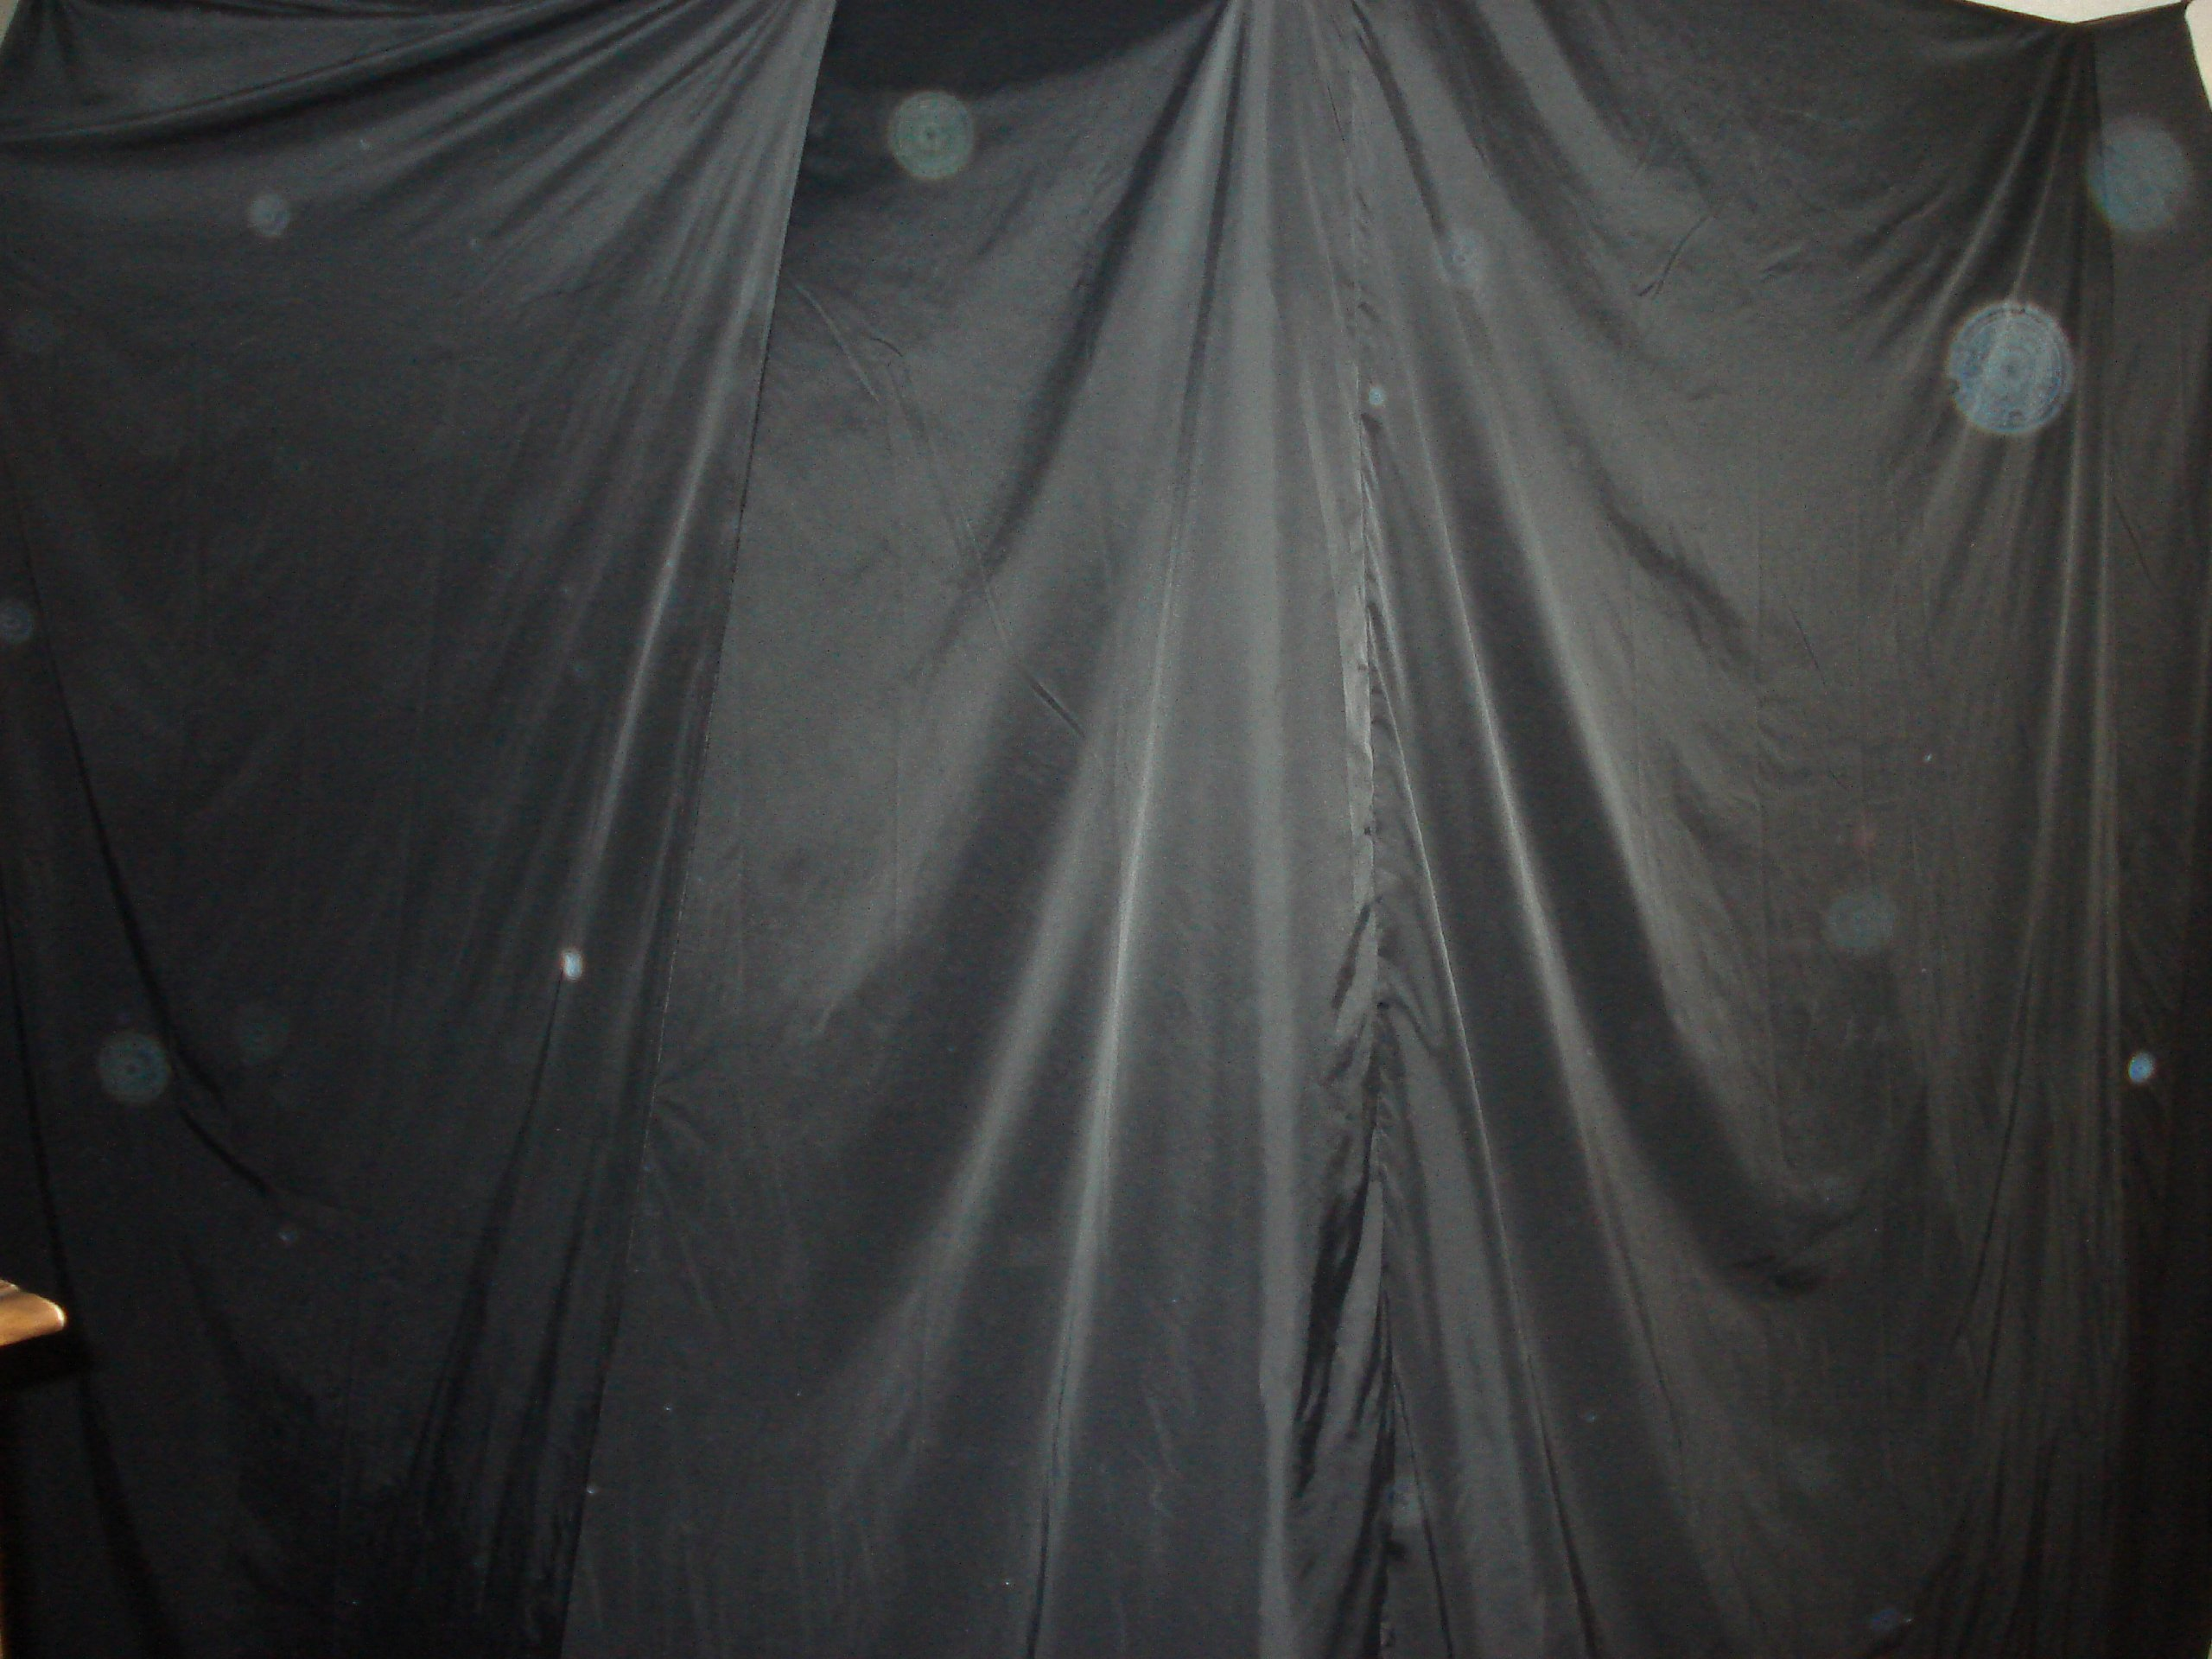 Nicamaka Black Out Sleep Canopy